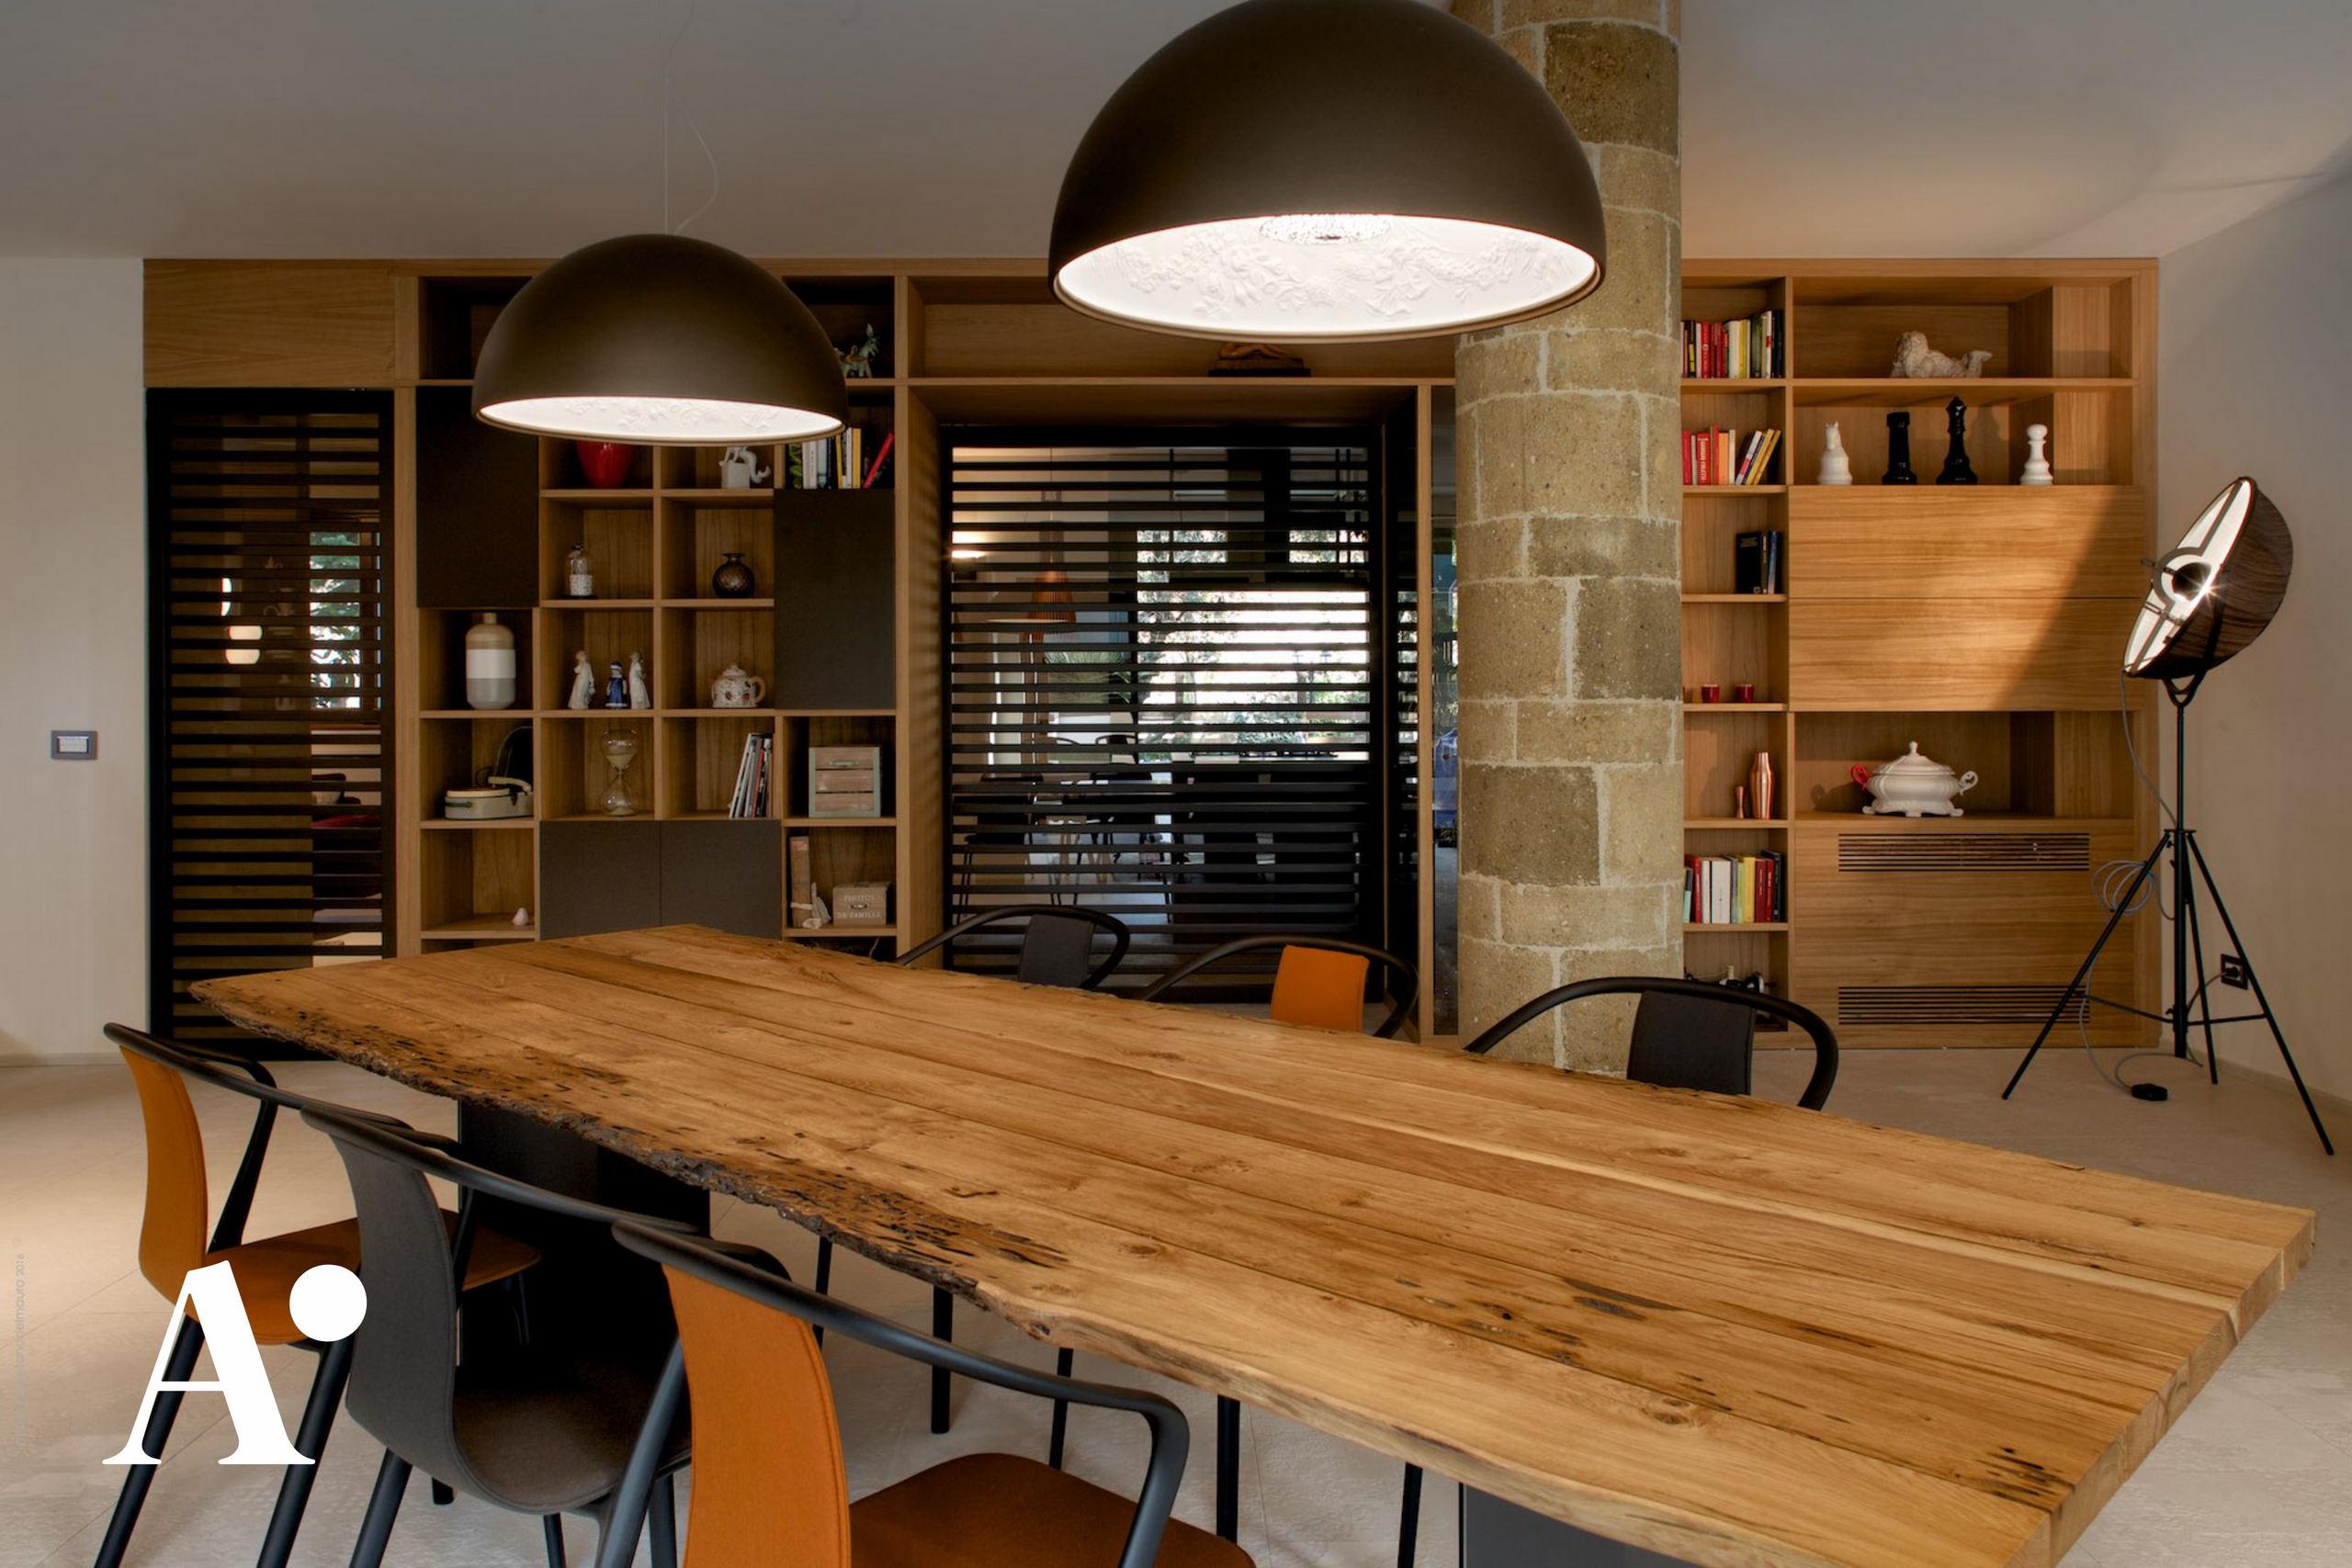 avella-concept-home-design-0002